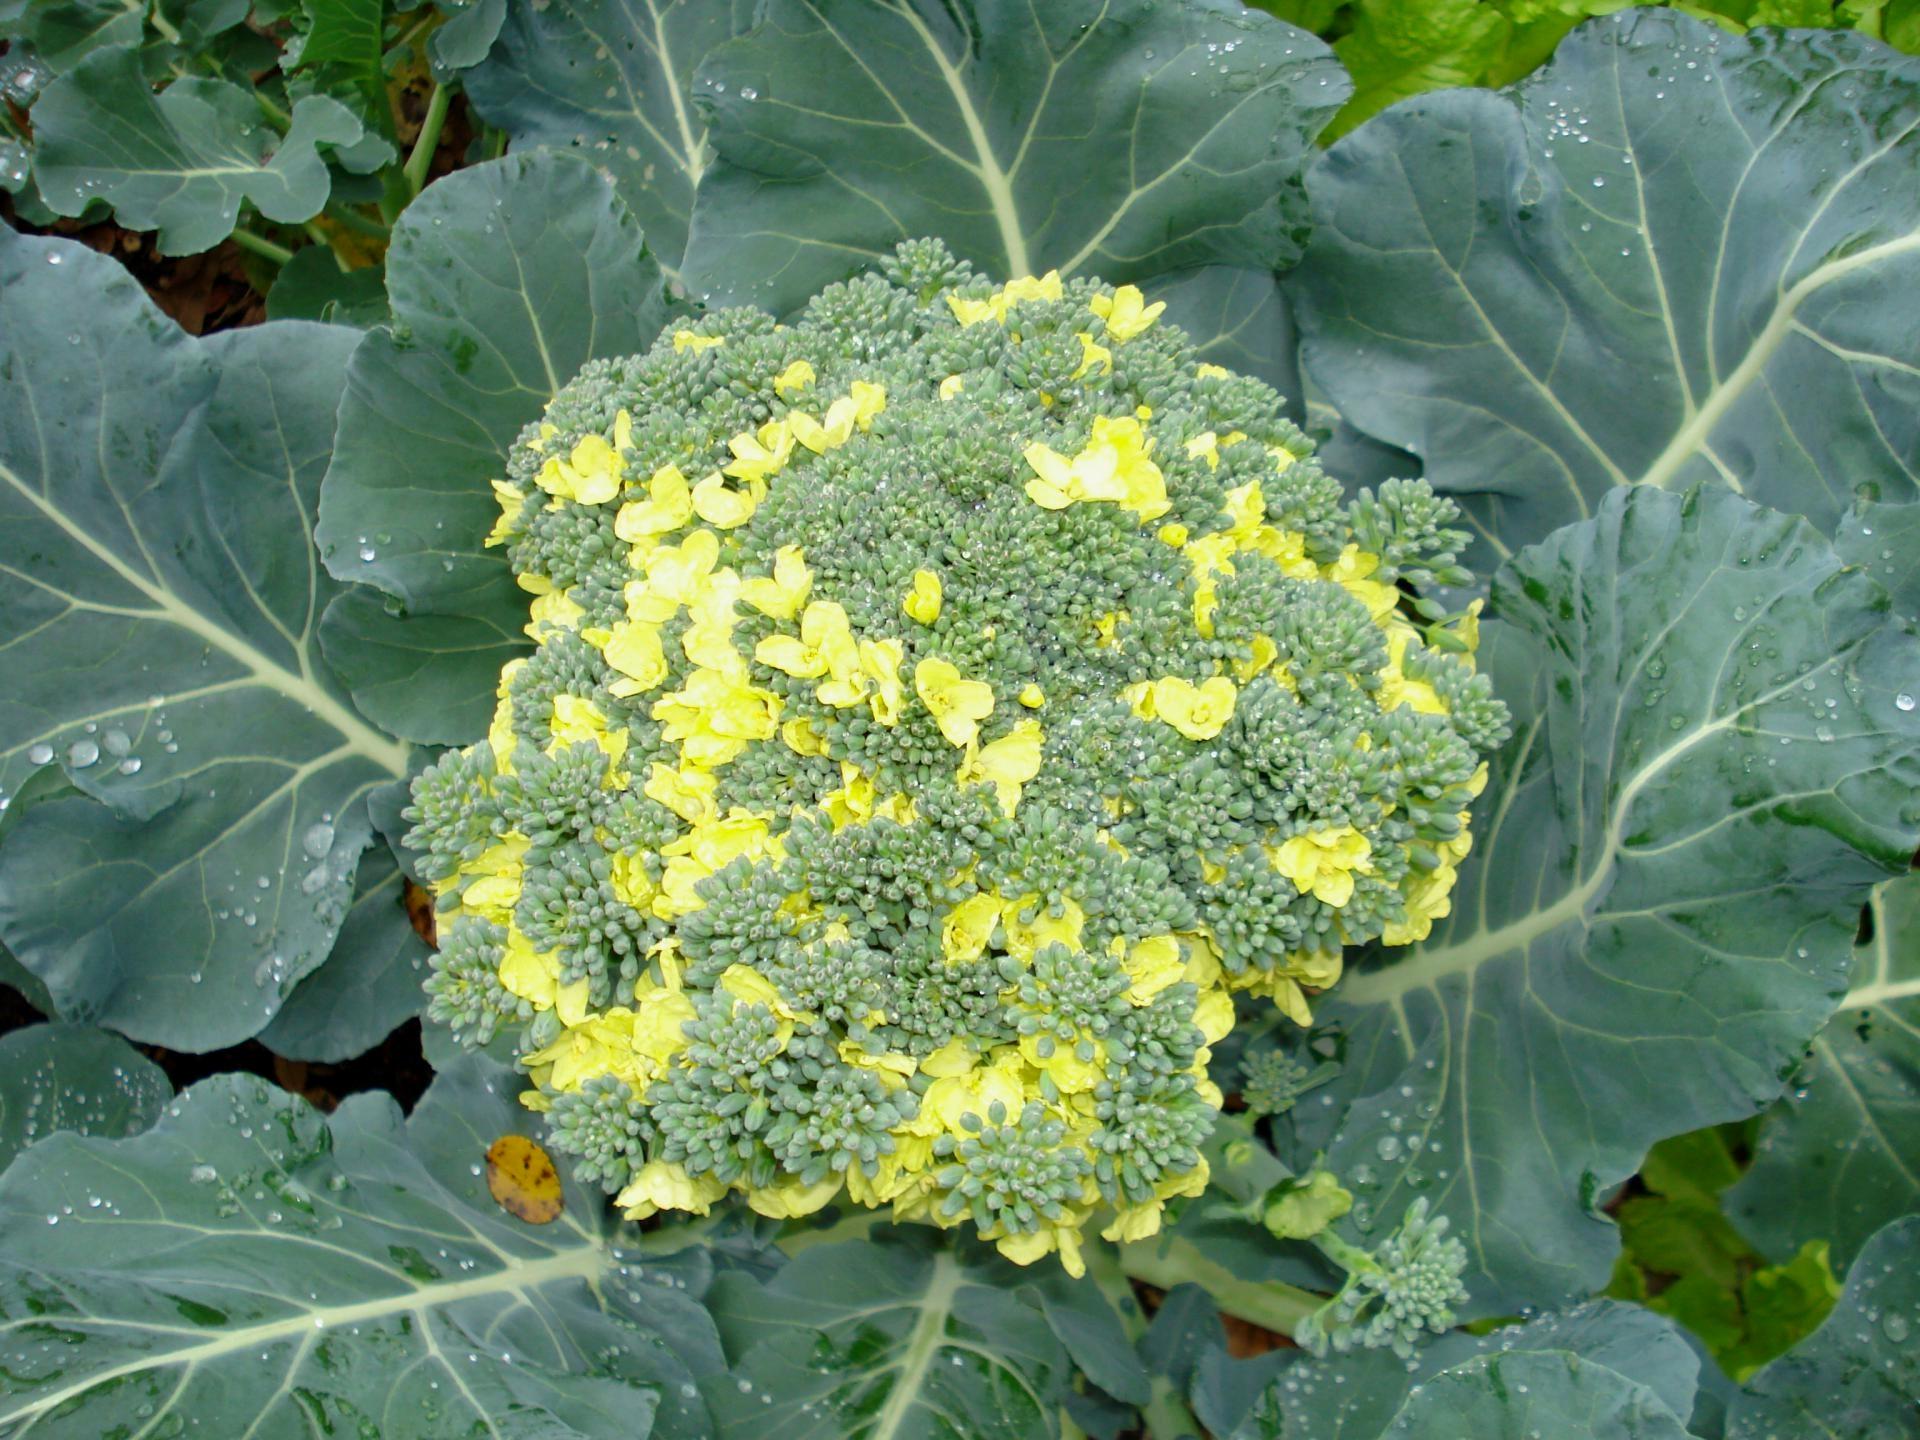 Выращивание рассады капусты брокколи: как избежать типичных проблем